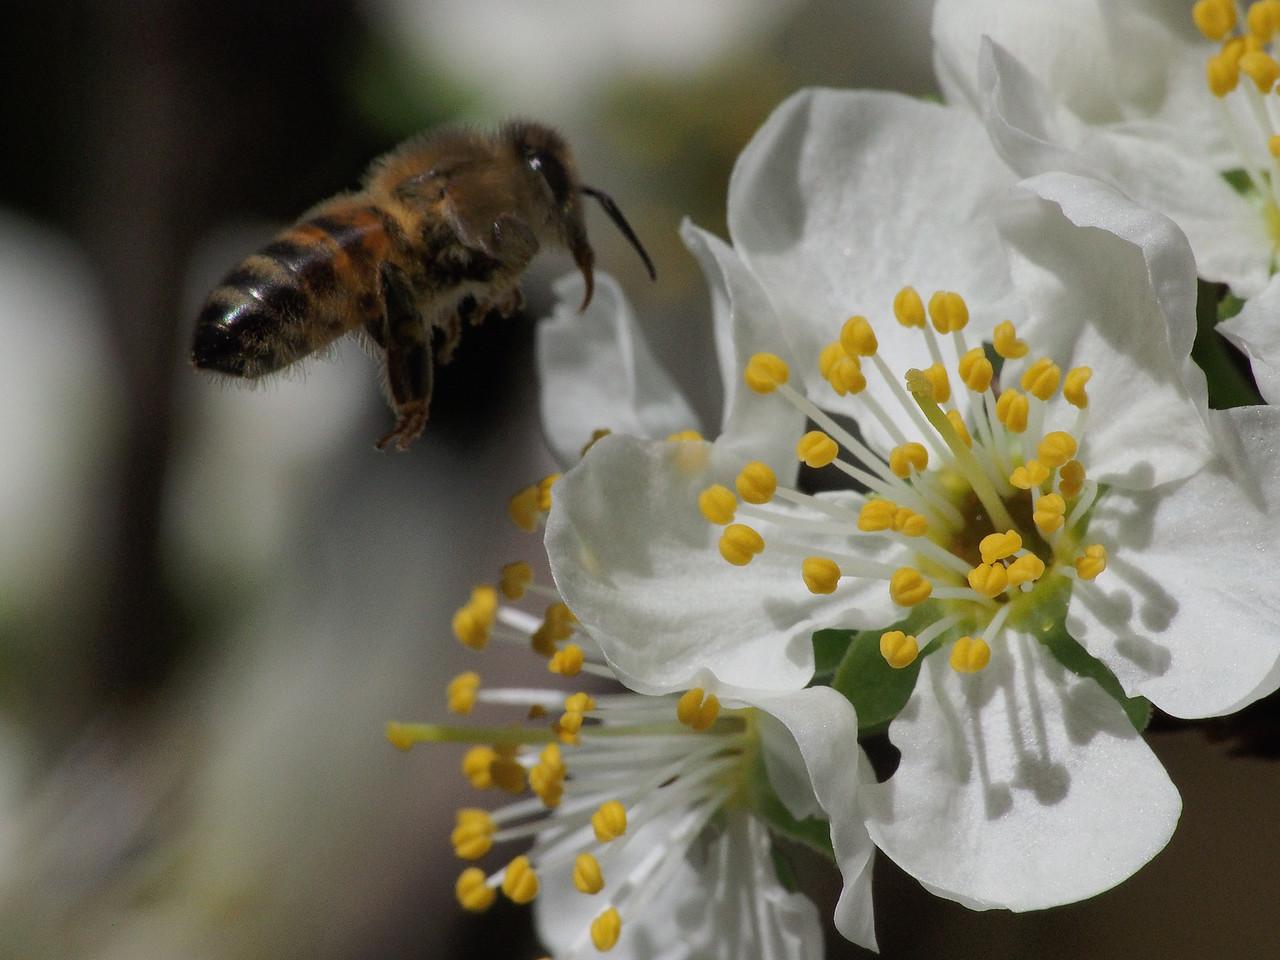 20130907_1316_1363 plum blossom bee